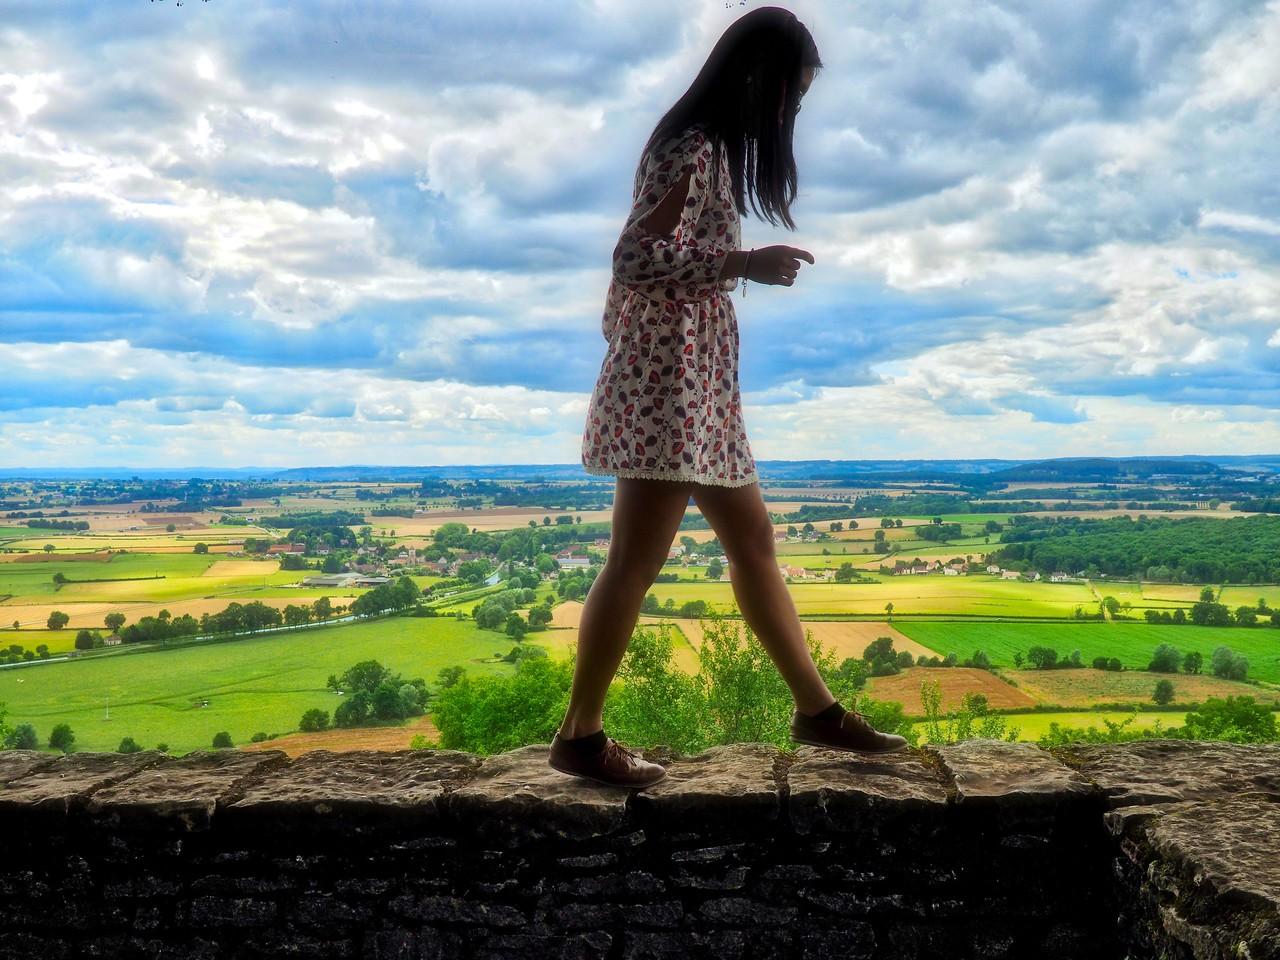 Erika walking on the ledge